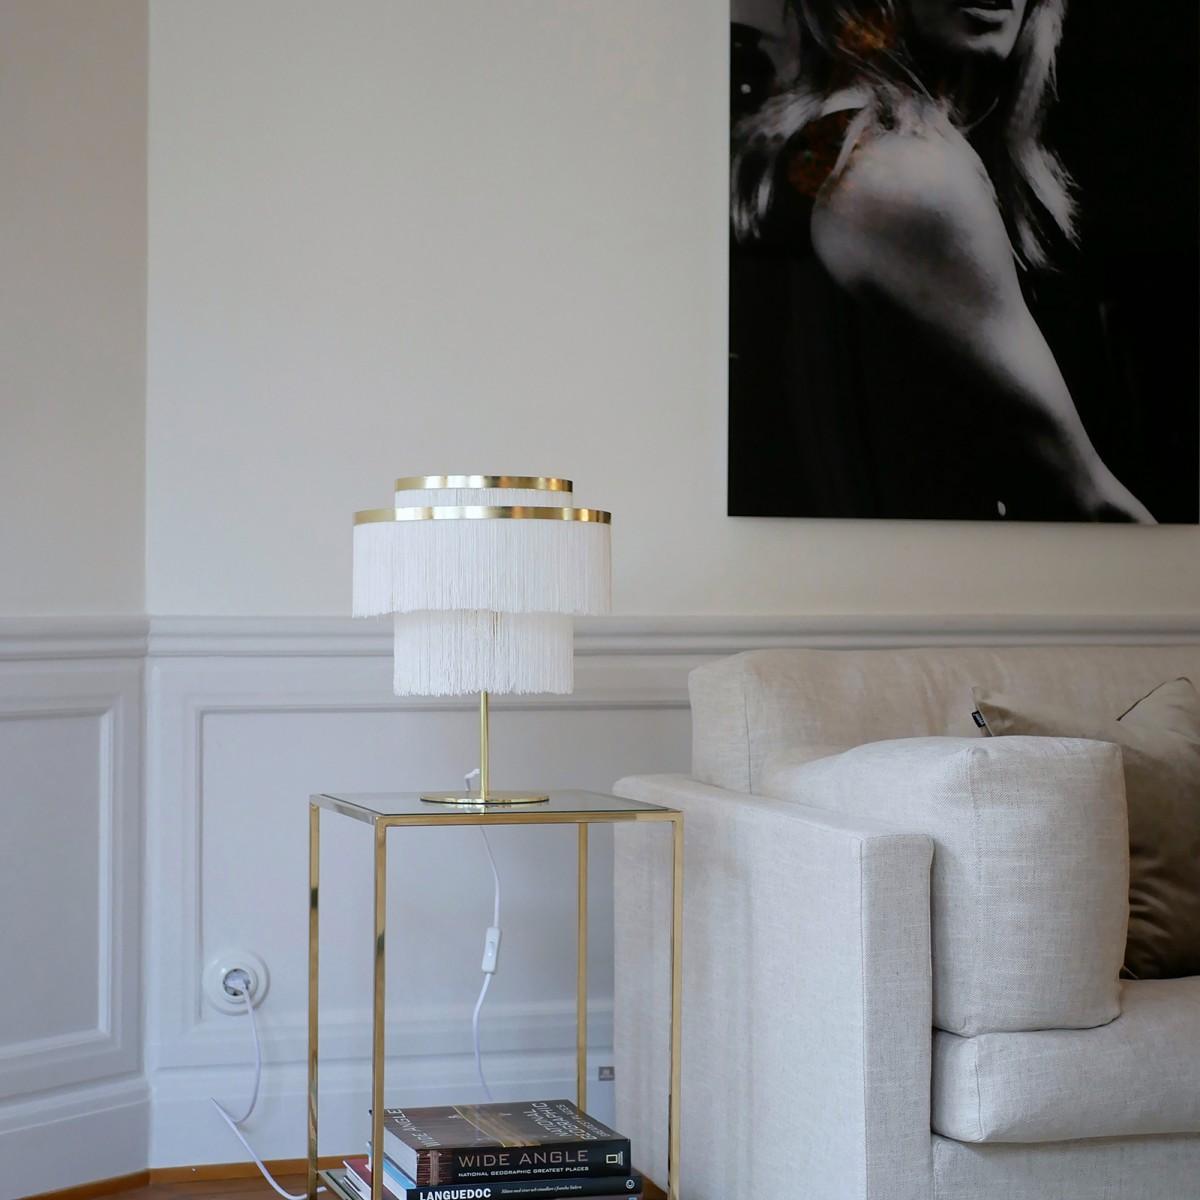 Lampă birou/noptieră Frans, din metal, cu franjuri textile albe/roz/negre, Globen